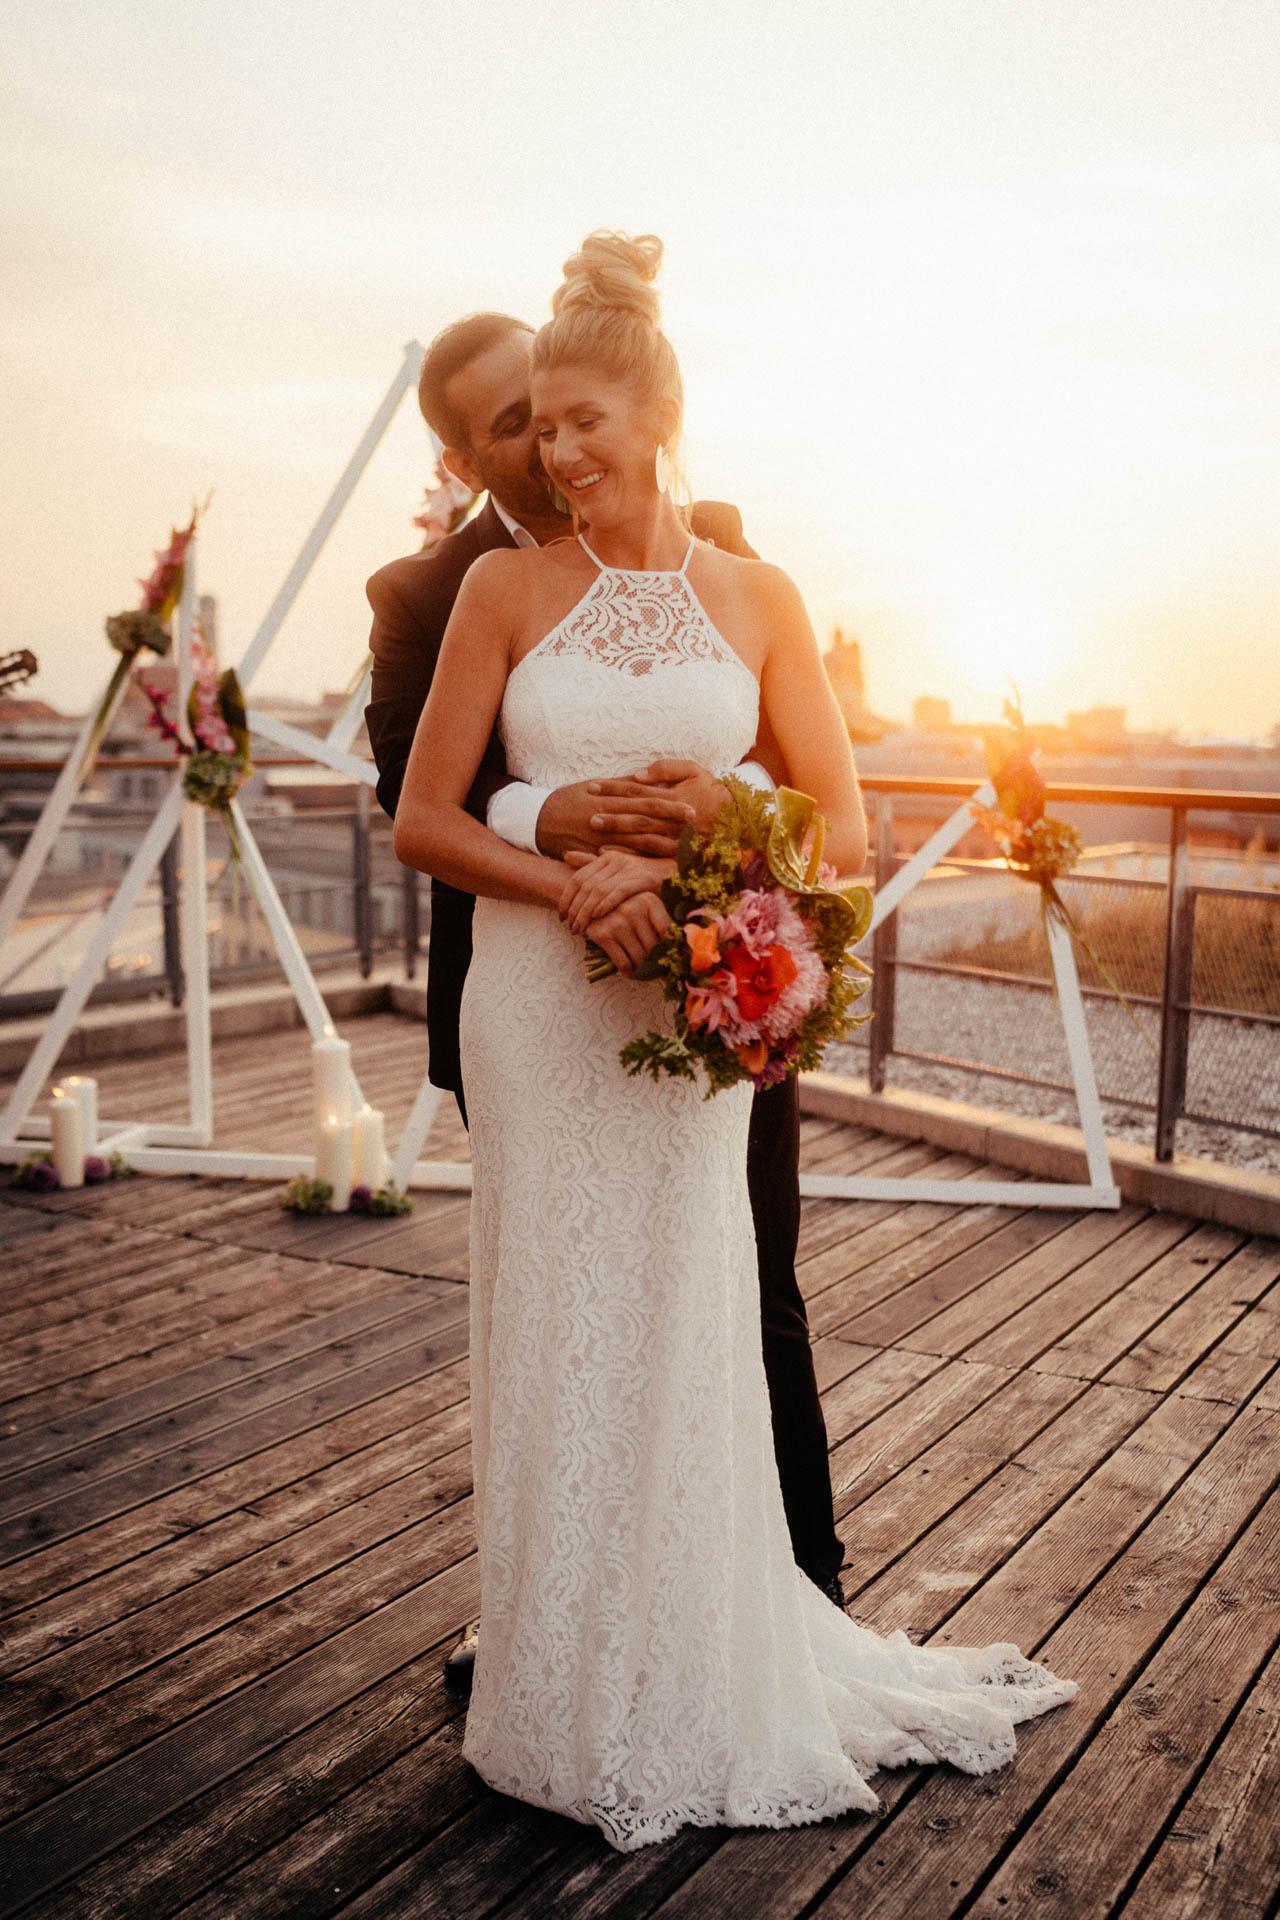 Freie Trauung in München auf der Dachterrasse im Surfers Paradies, Bräutigam umarmt Braut beim Sonnenuntergang